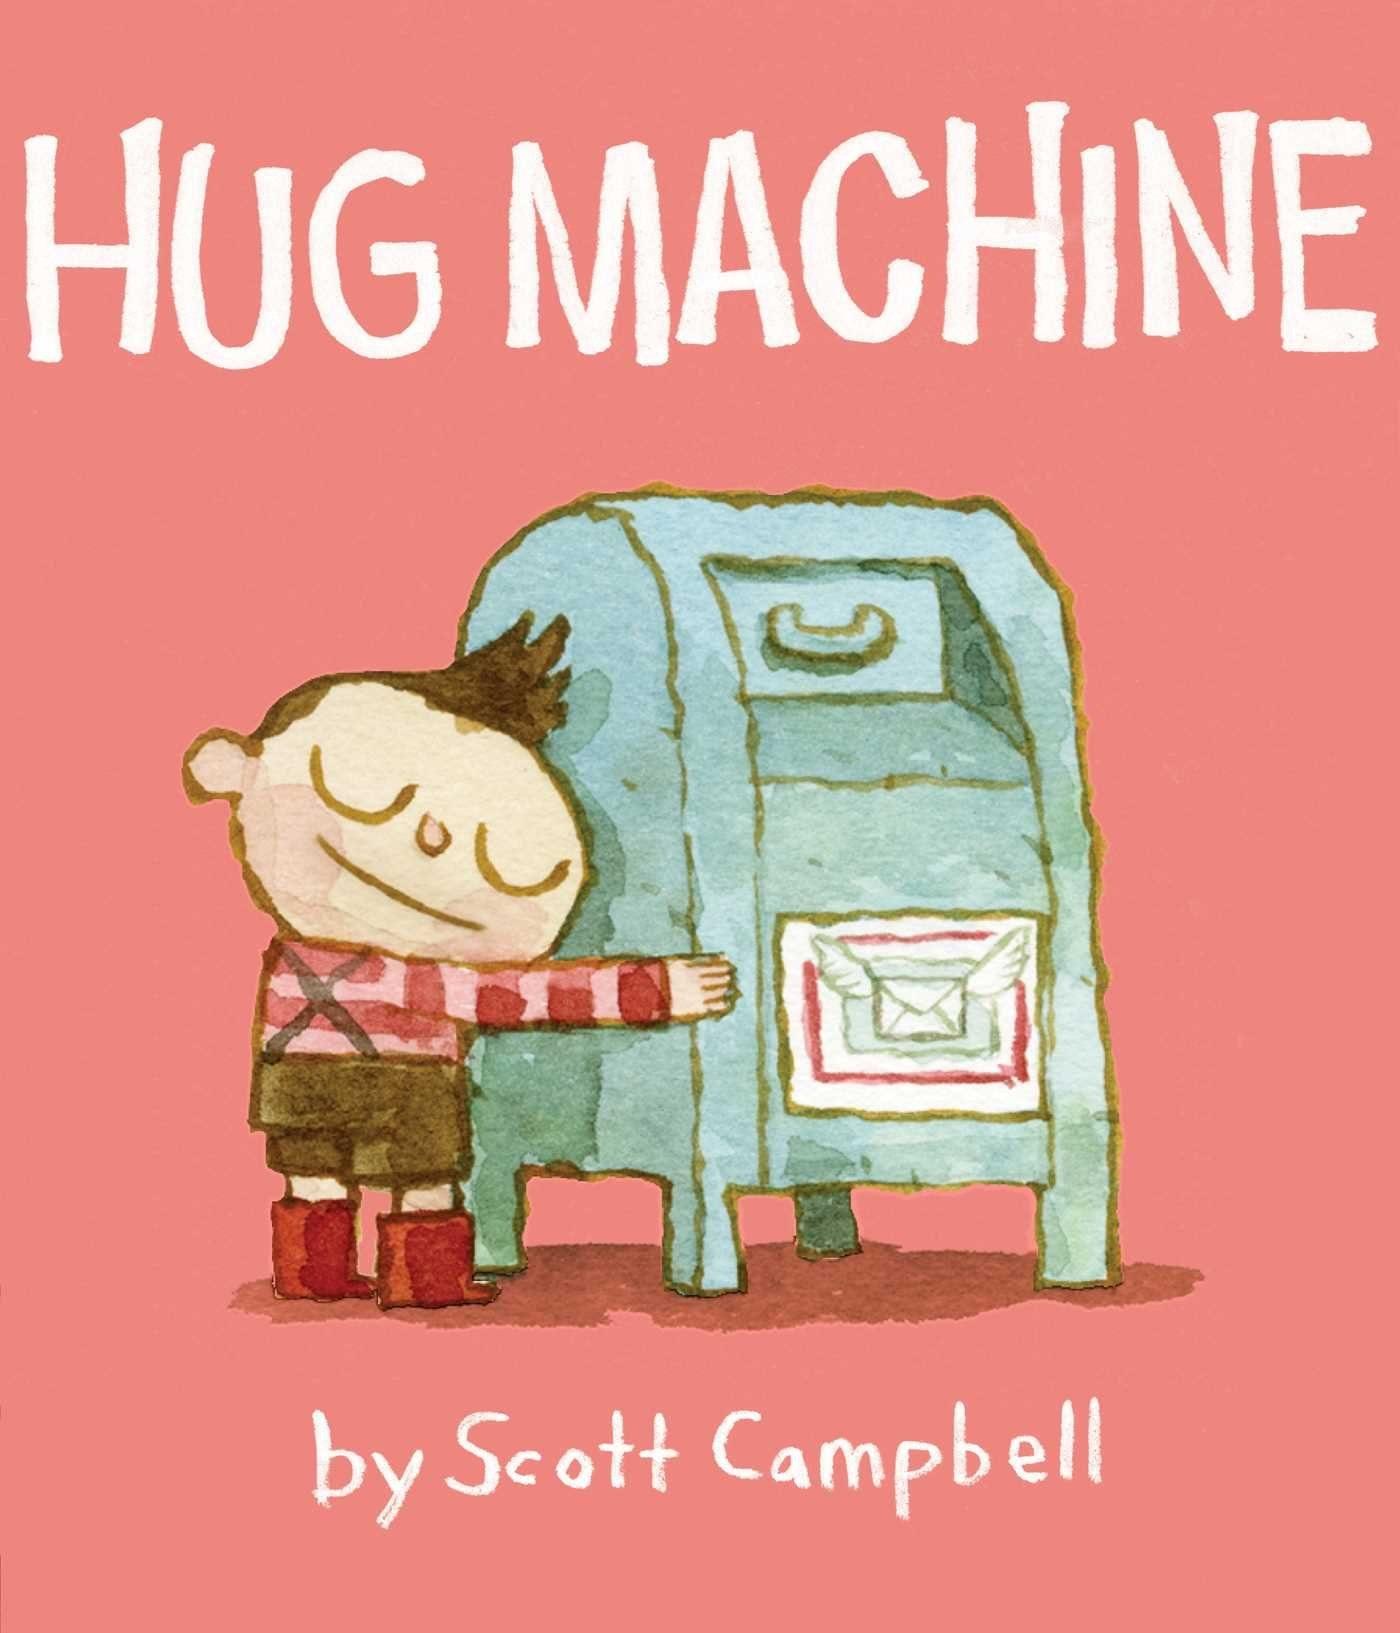 hug machine kids book